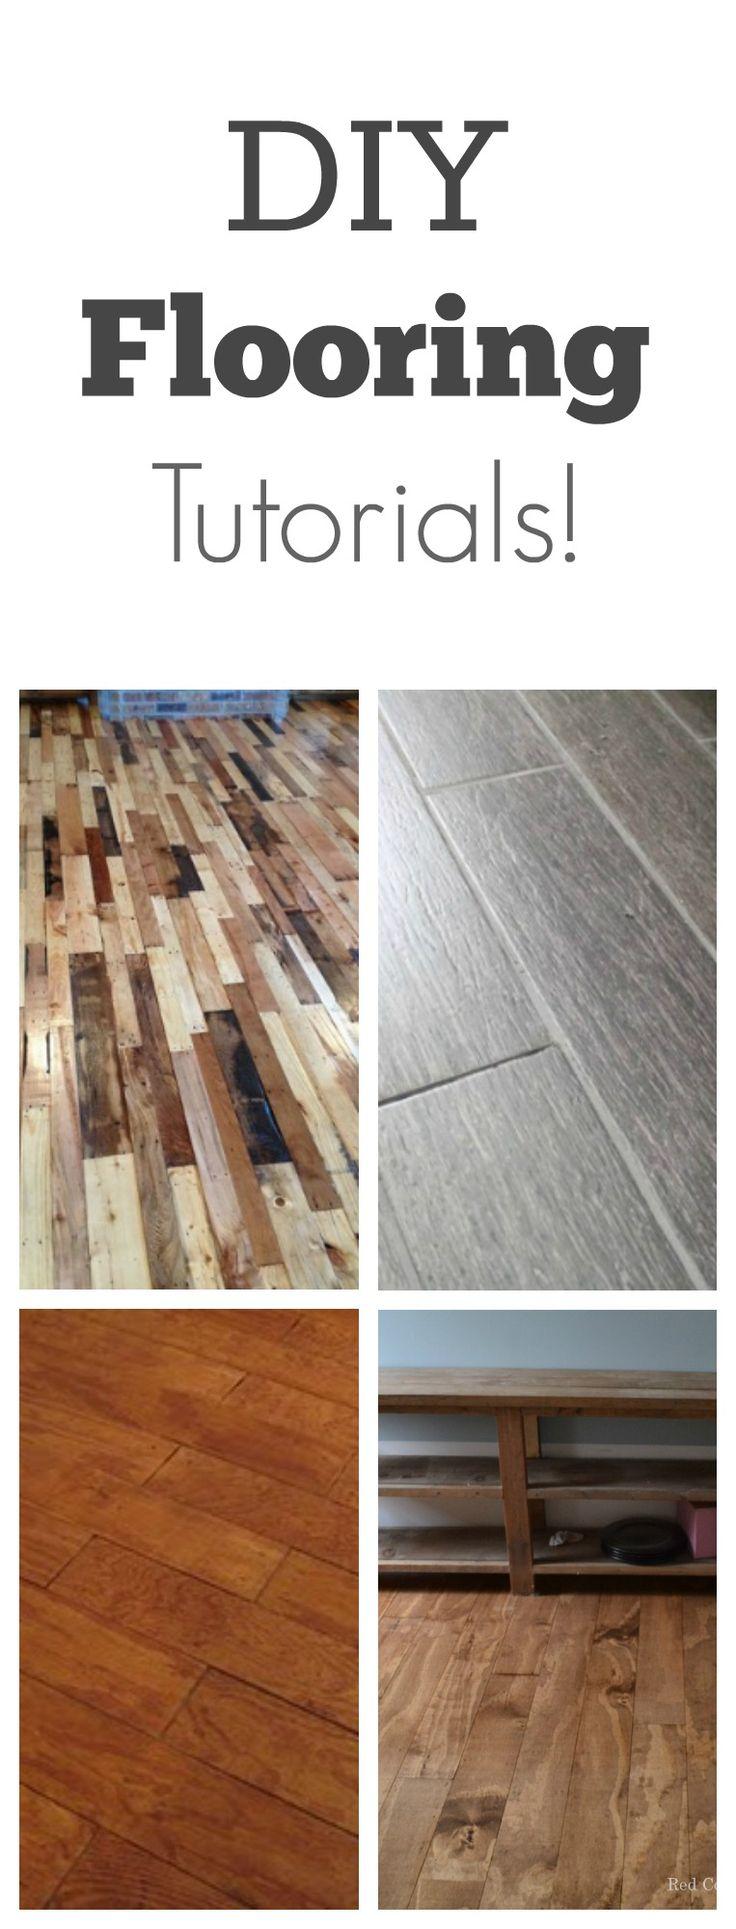 Diy flooring tutorials